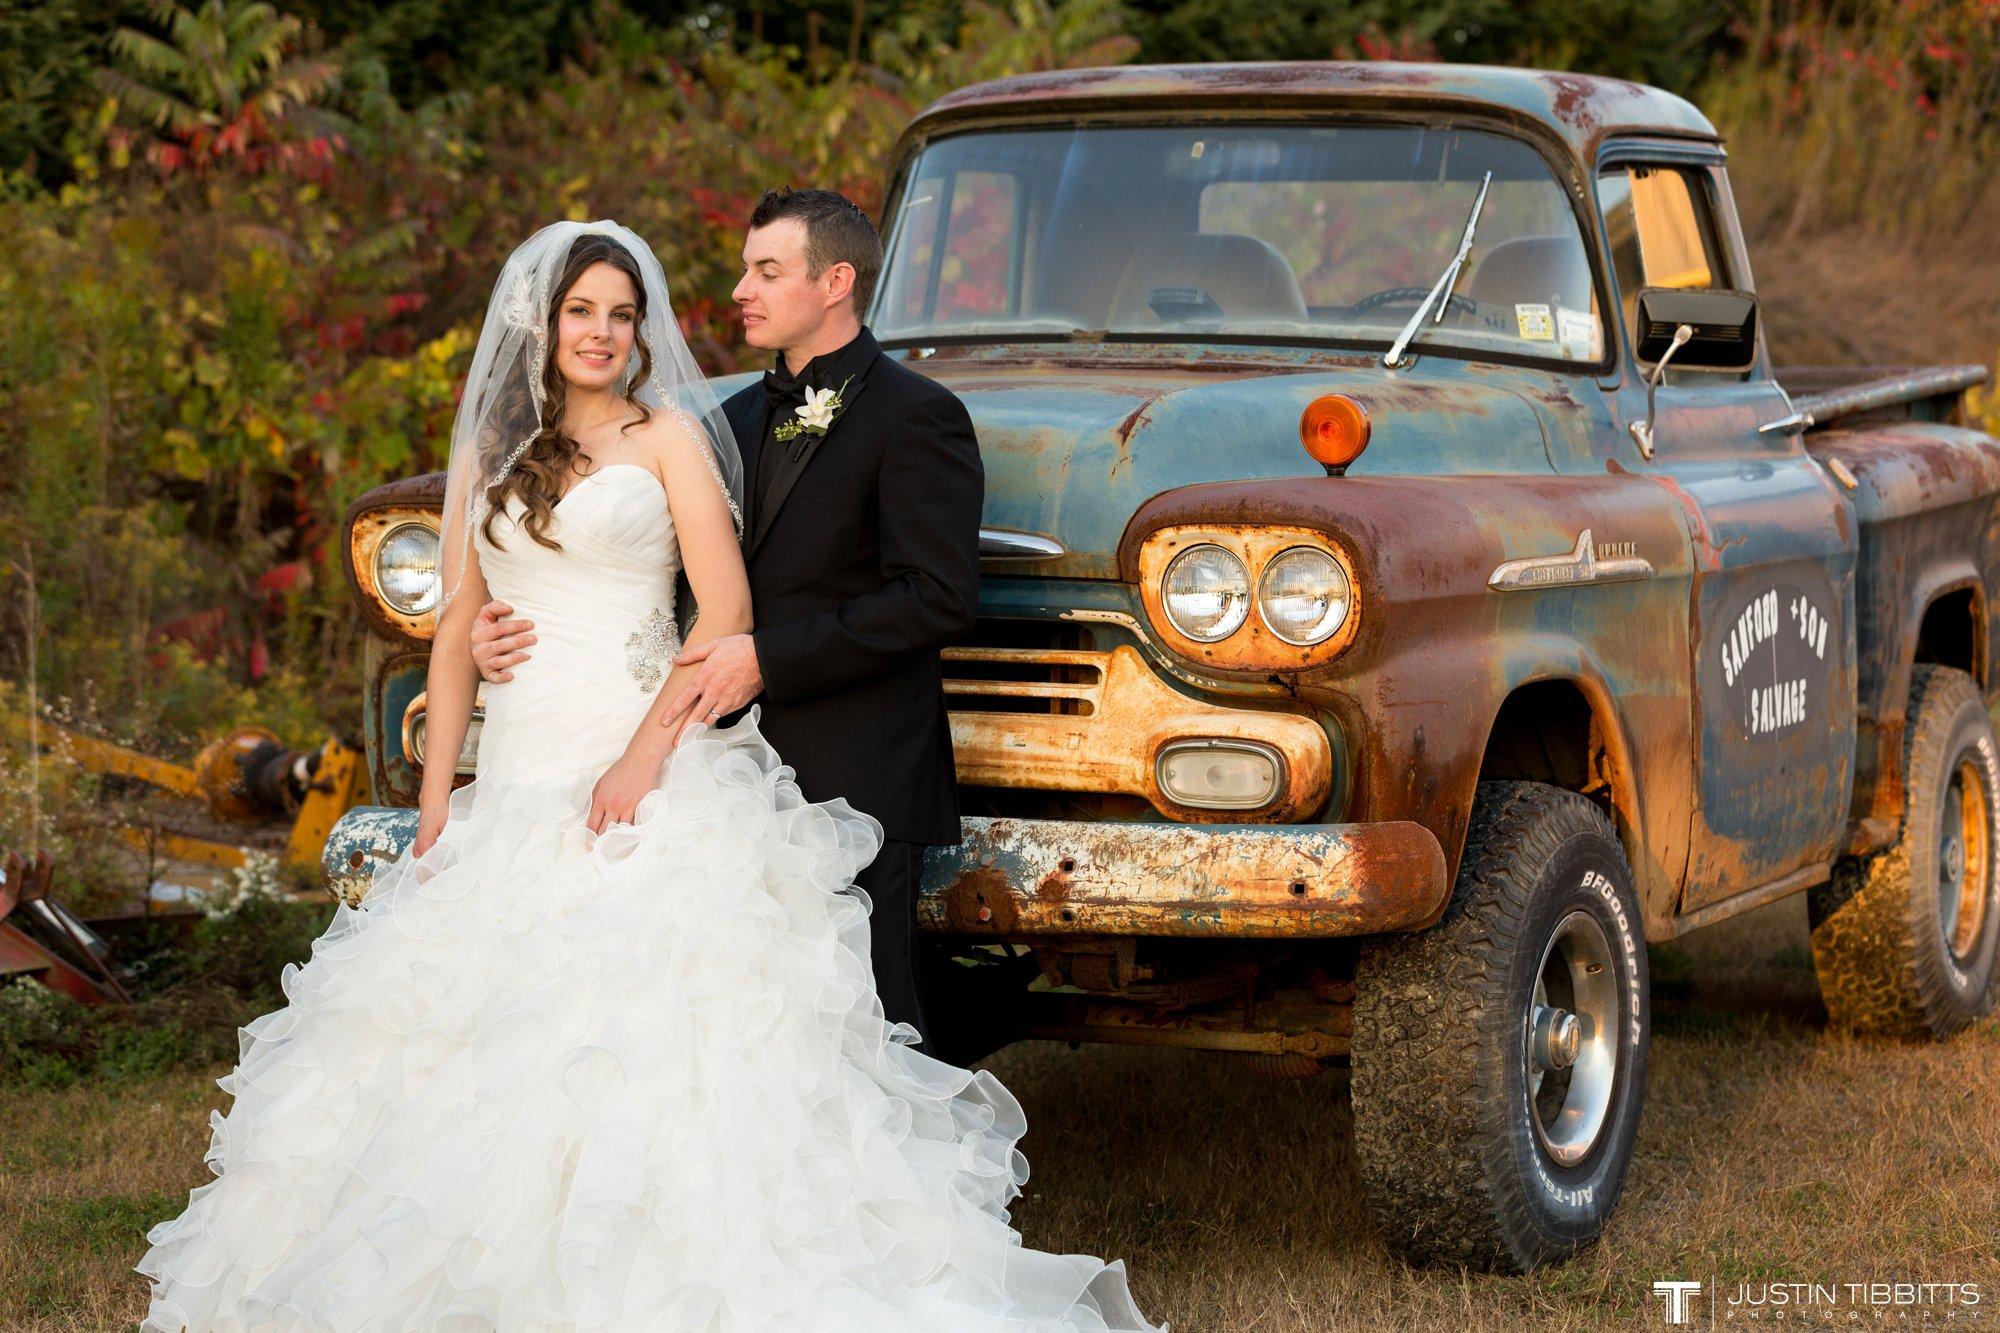 Albany NY Wedding Photographer Justin Tibbitts Photography 2014 Best of Albany NY Weddings-19760126